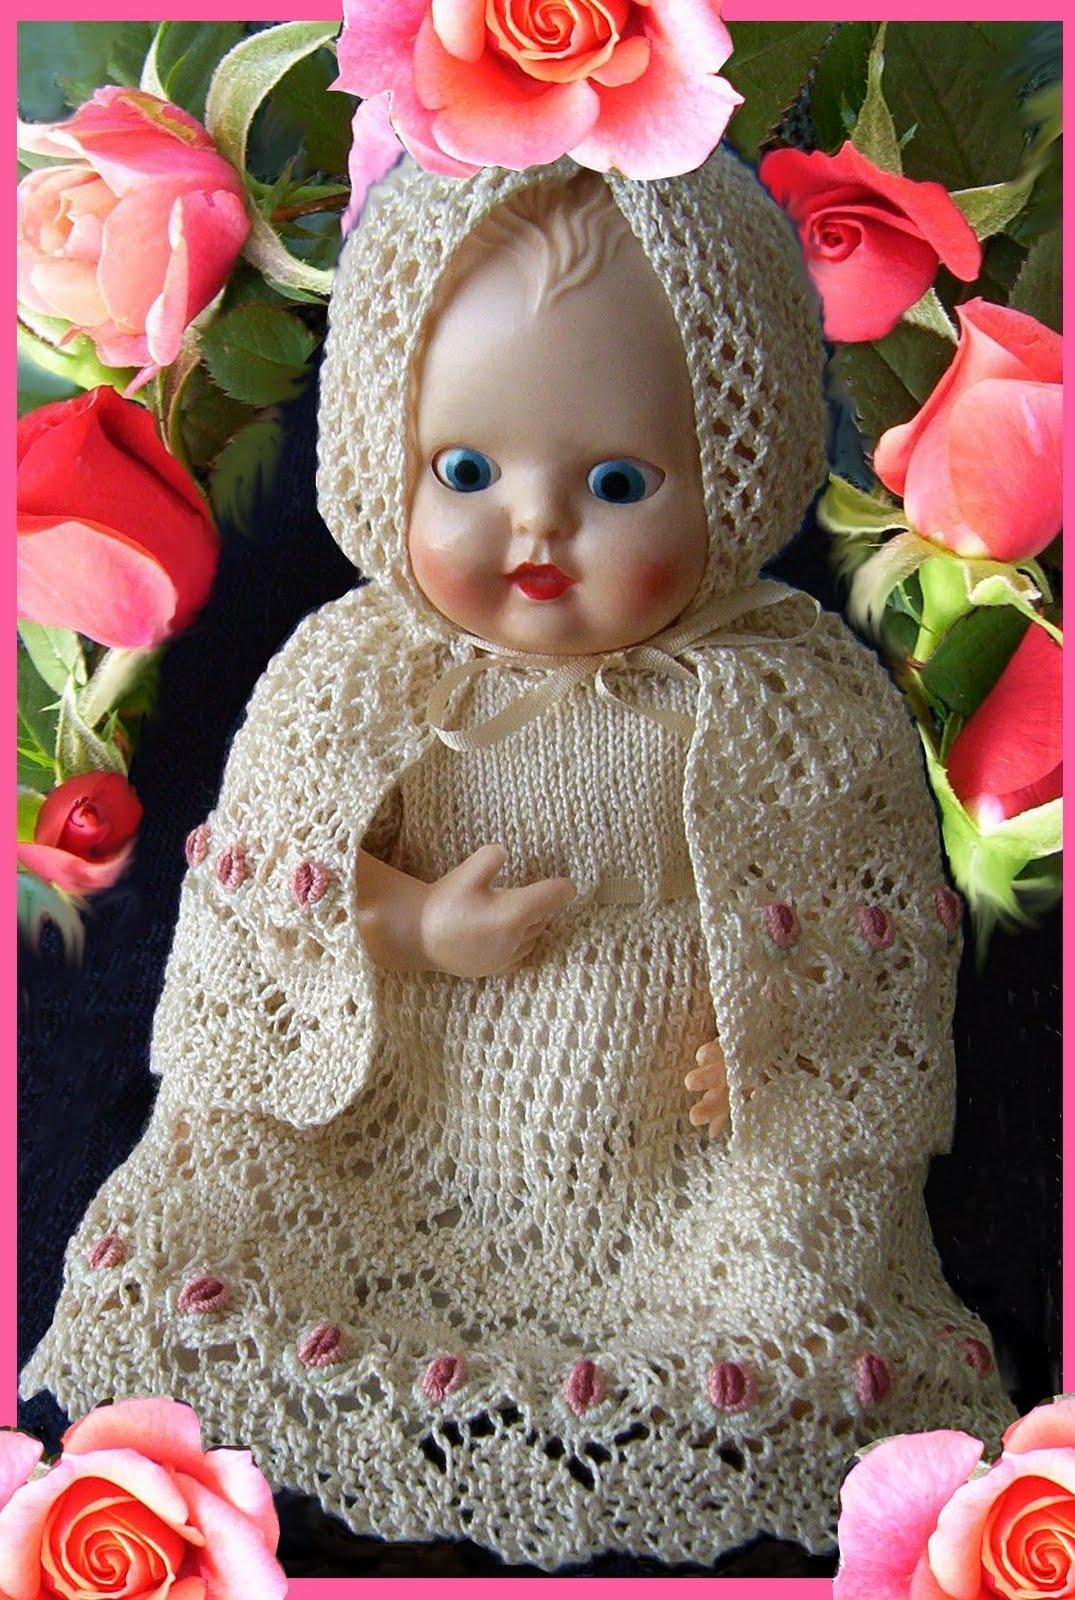 Knitting Patterns For Rosebud Dolls : ROSEBUD* baby doll 6